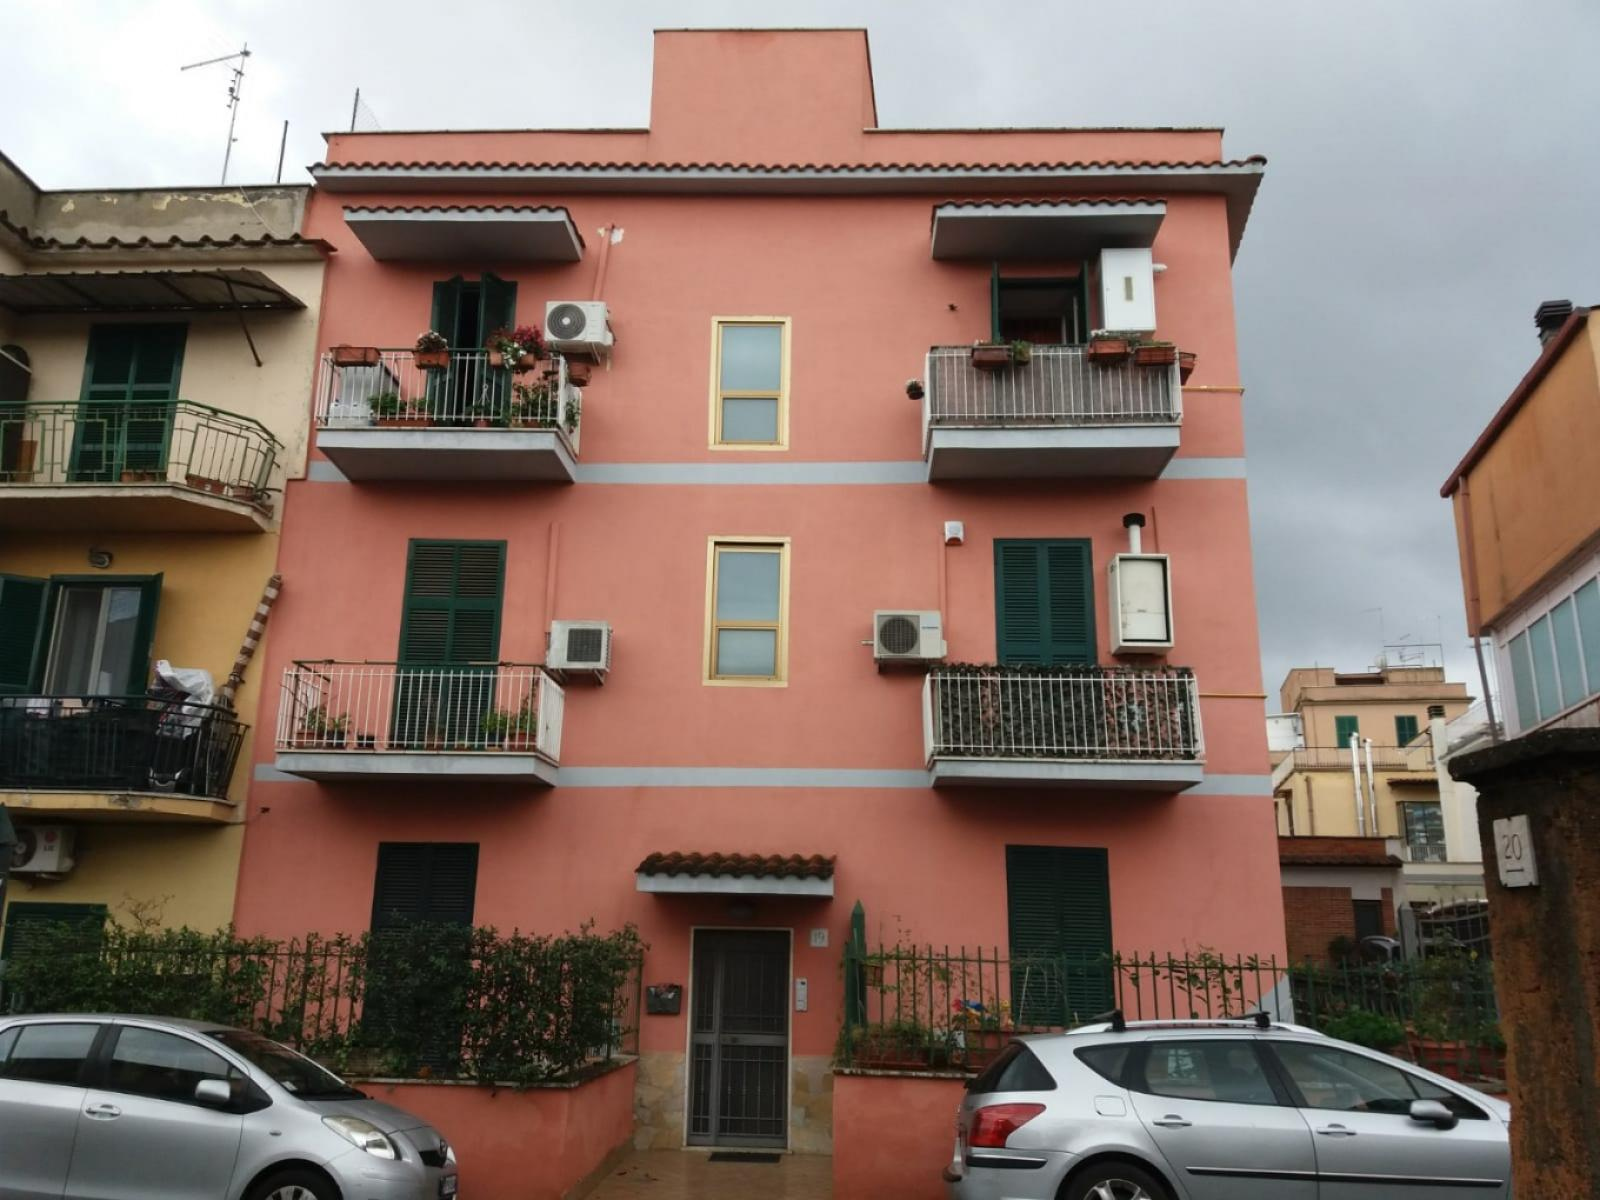 1118416483 Bilocale in Via Delle Capinere, Roma, Zona Torre Maura